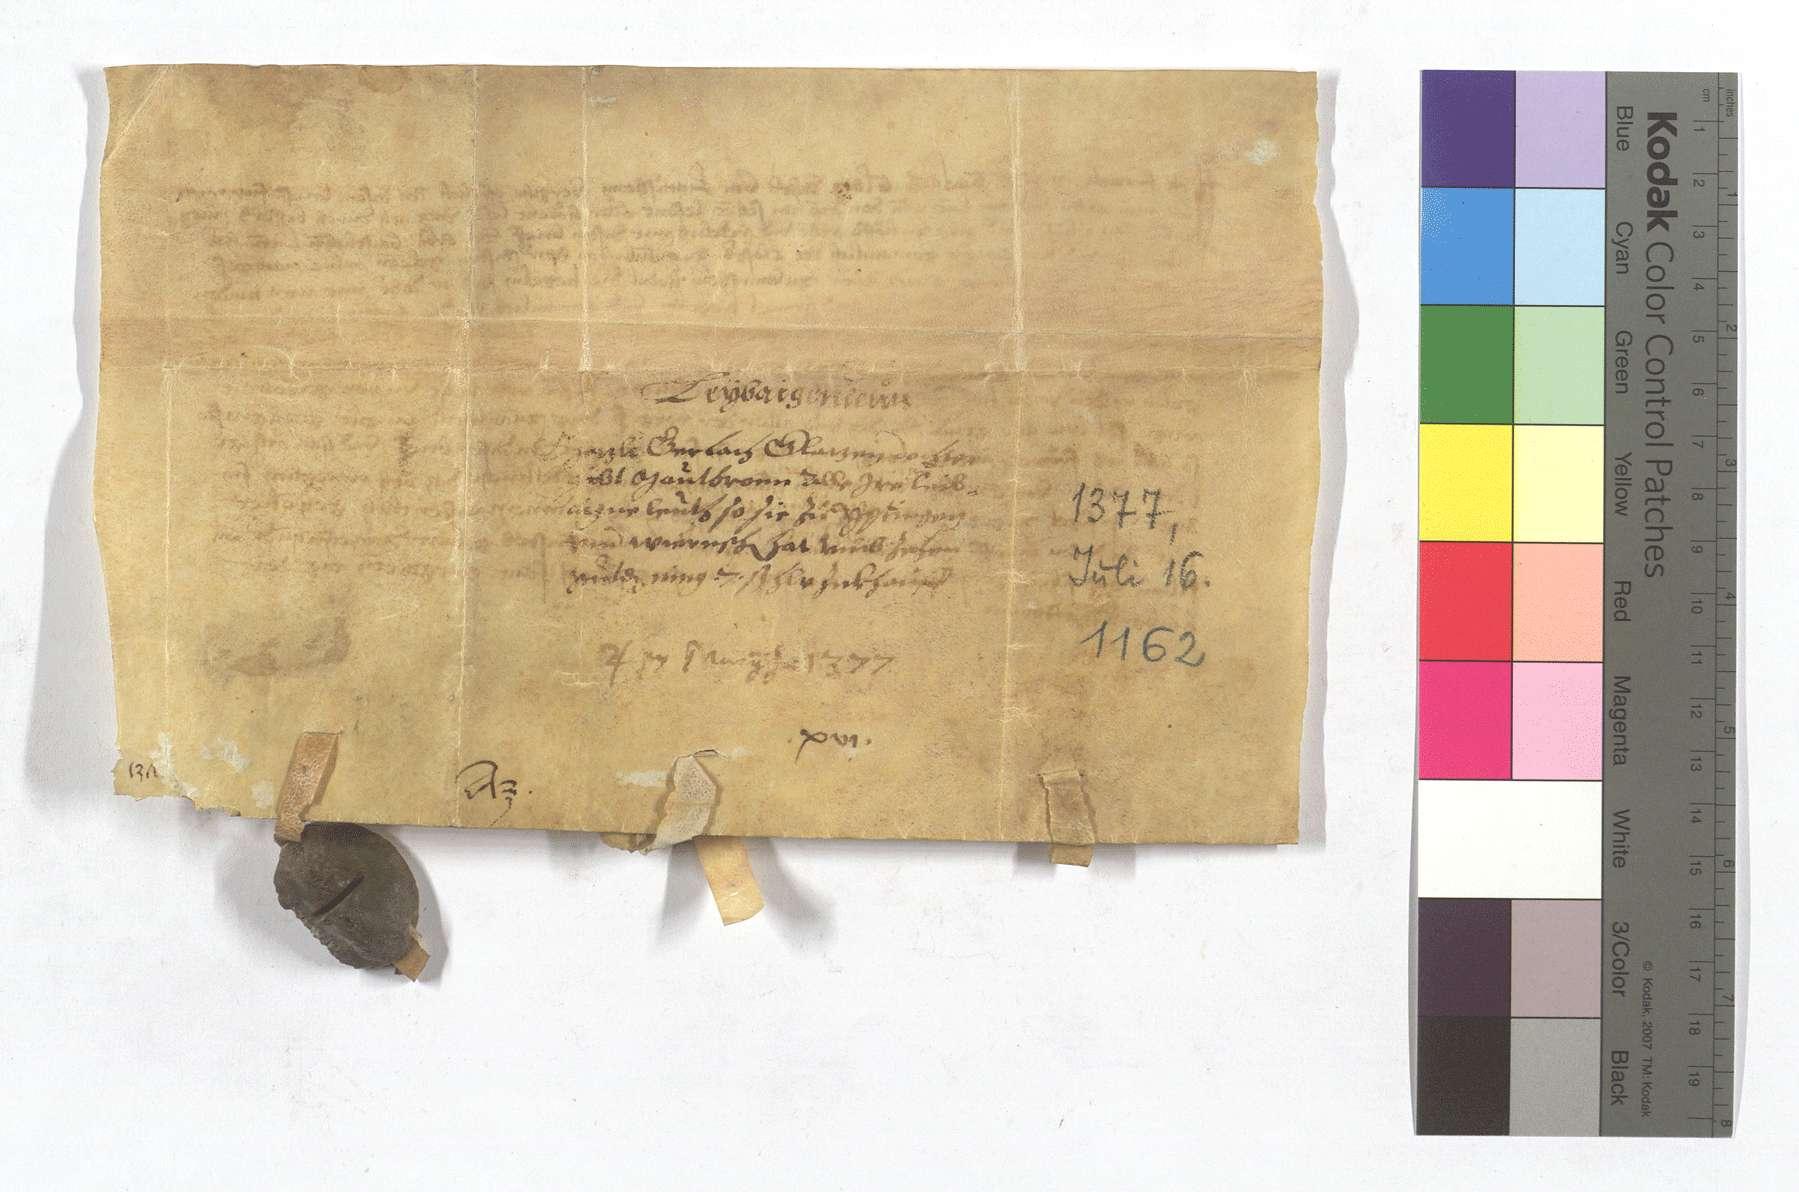 Fertigung der Mezli, Tochter des Gerlach Glatz, um ihre Leibeigenen in Iptingen und Wiernsheim., Rückseite